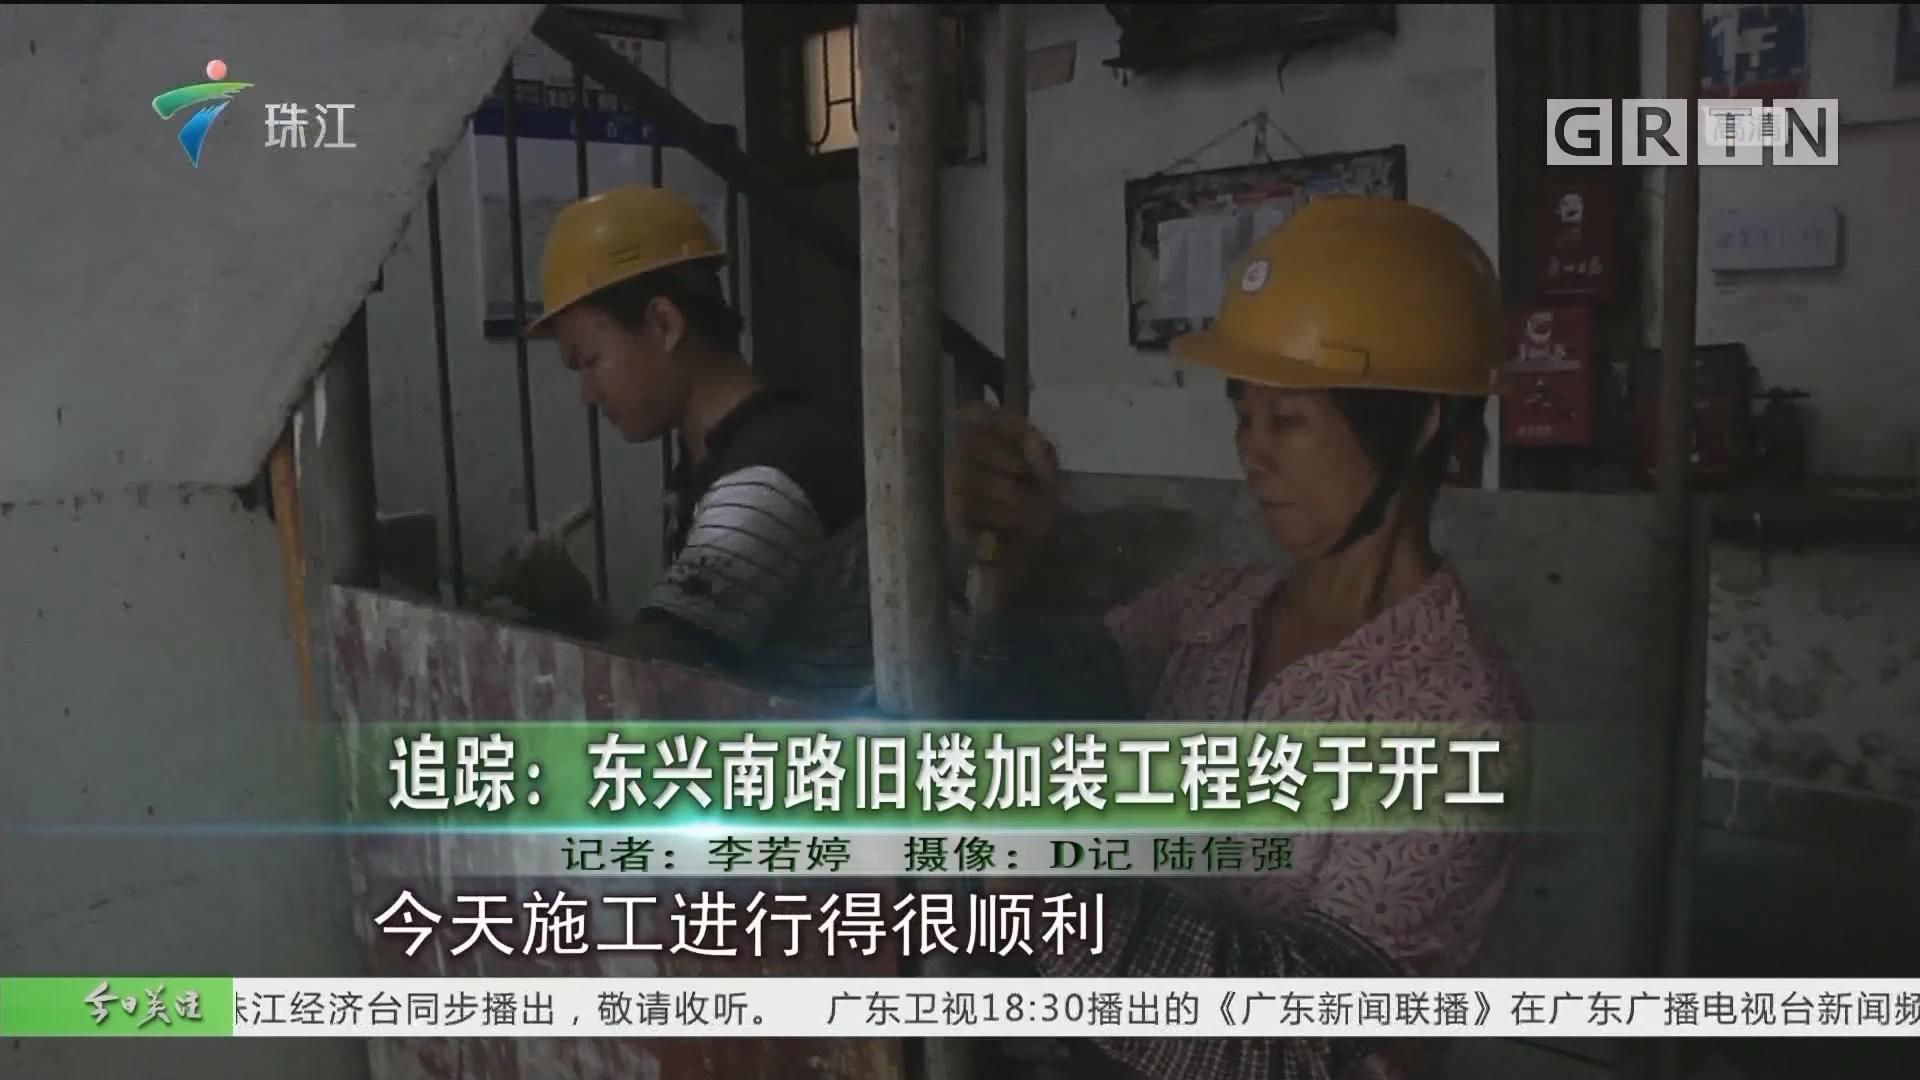 追踪:东兴南路旧楼加装工程终于开工